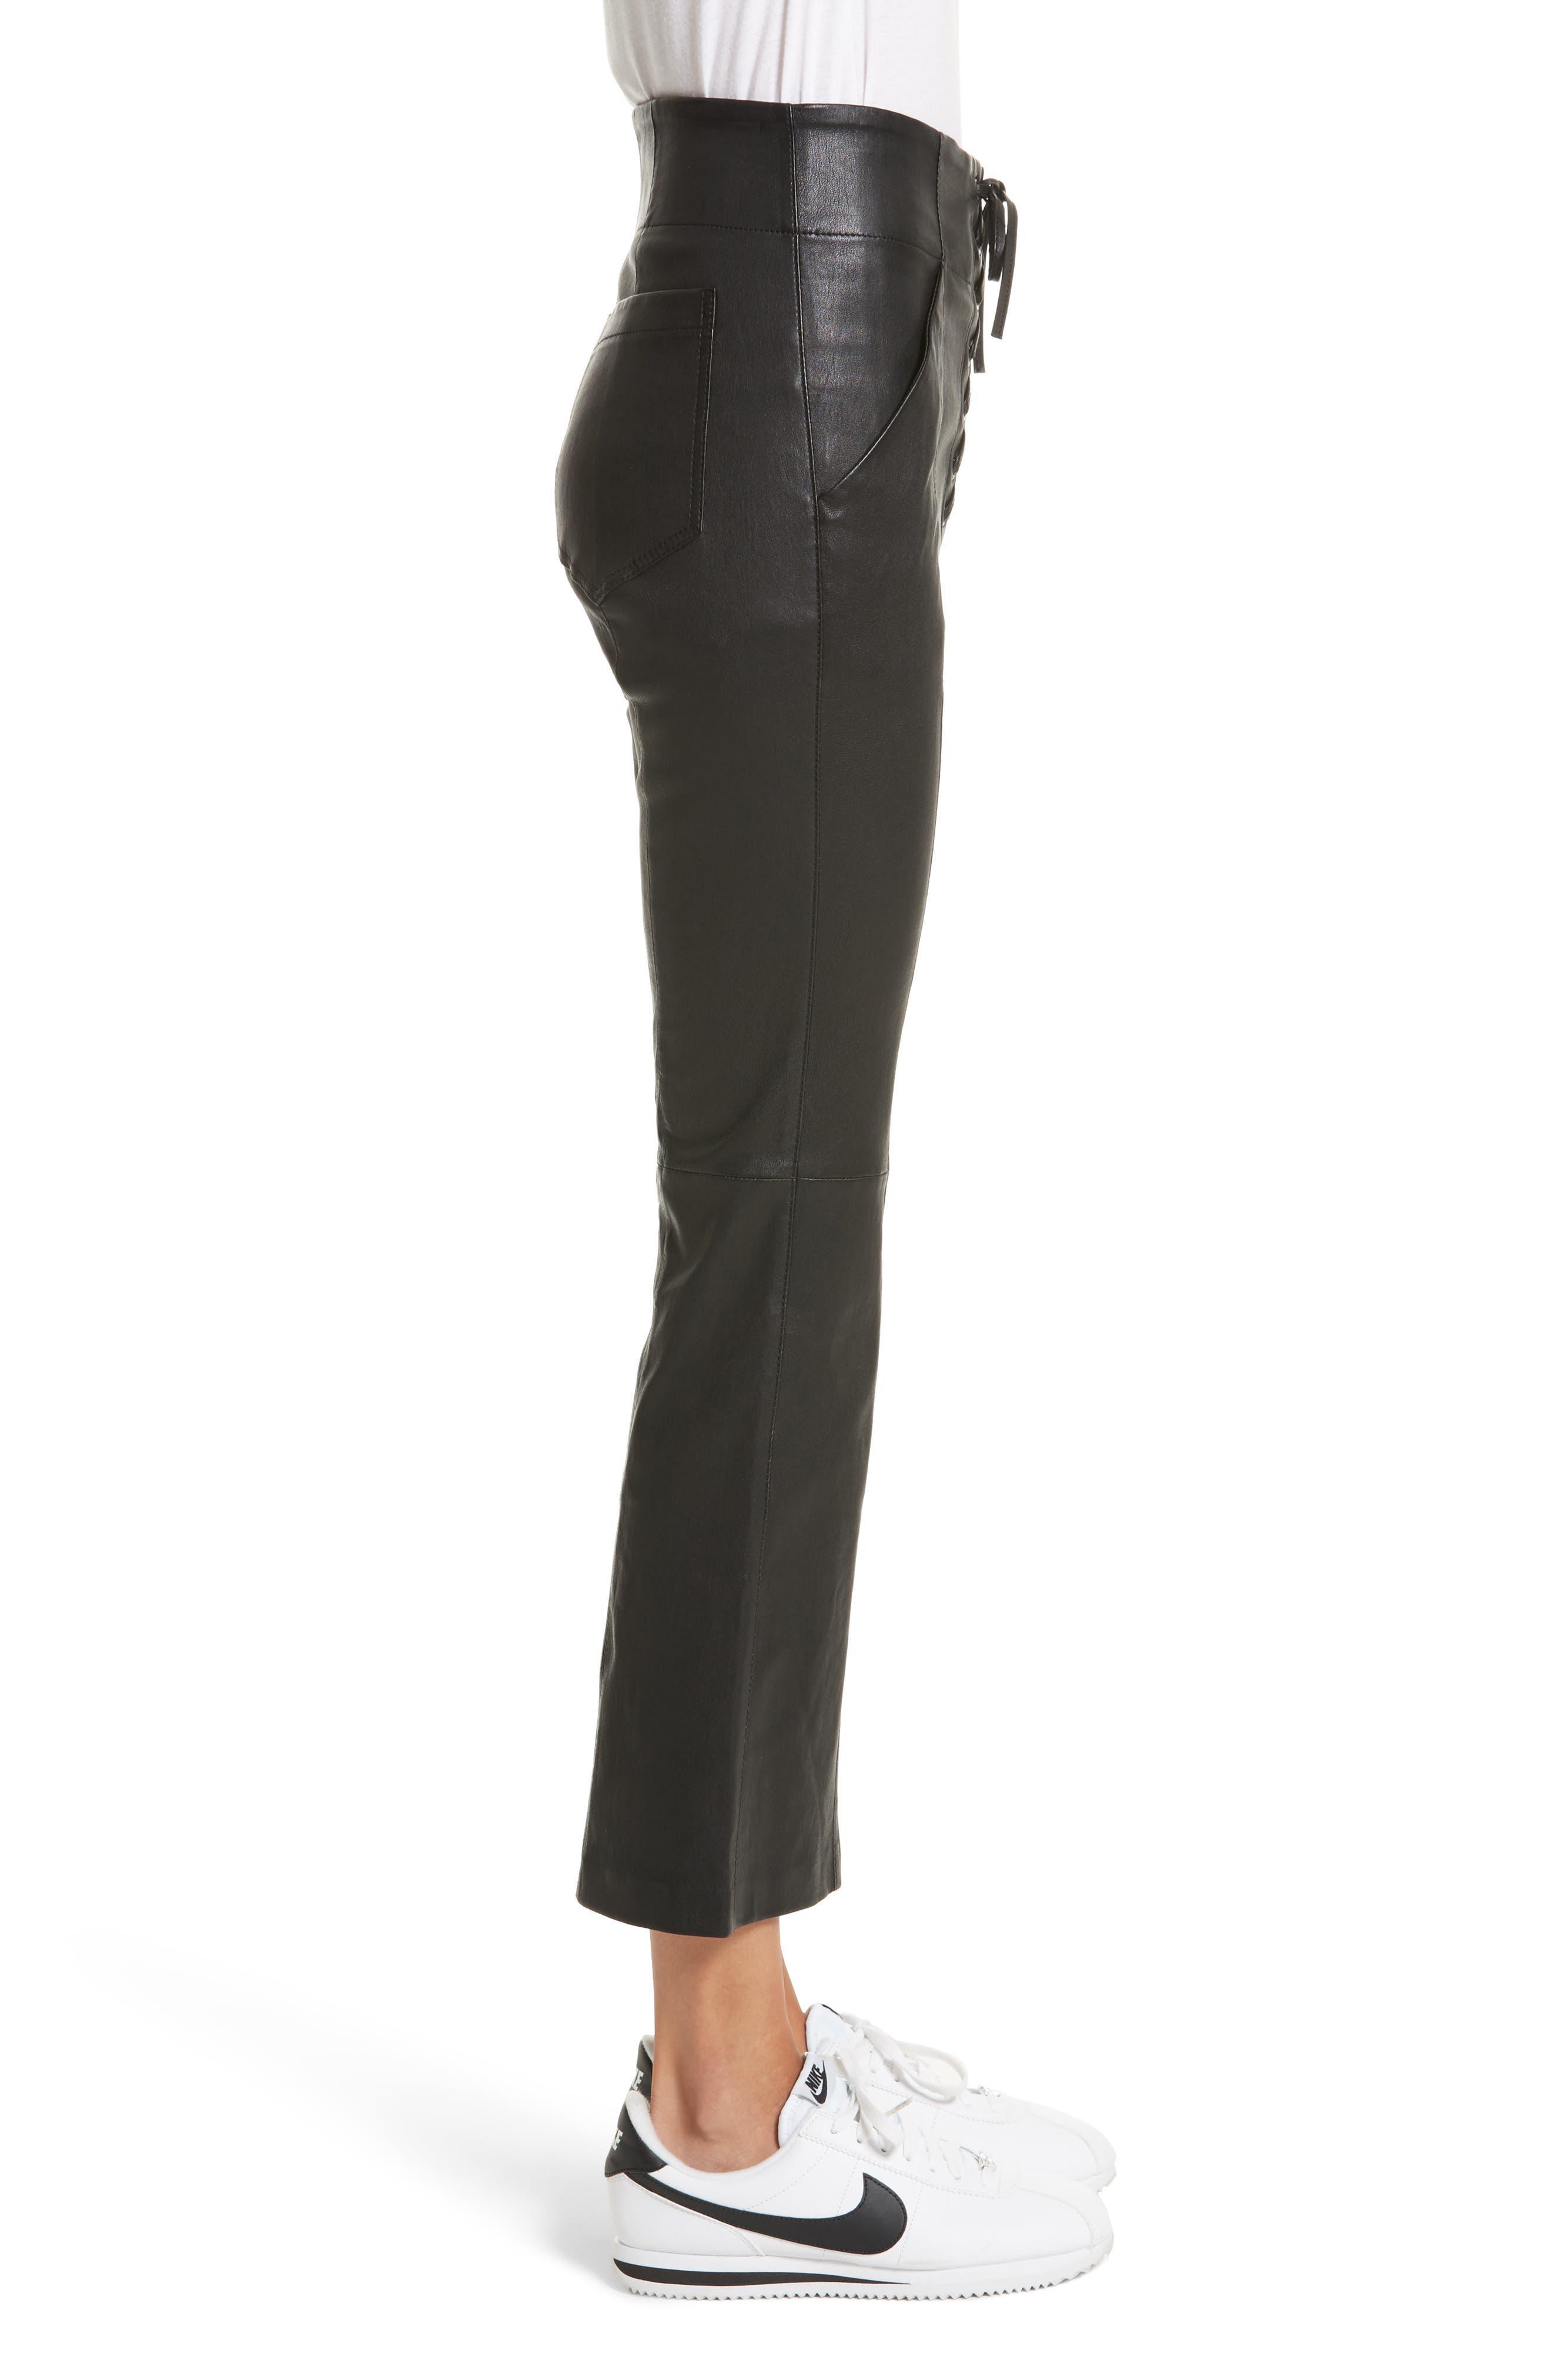 Delia Lace Up Leather Pants,                             Alternate thumbnail 3, color,                             001